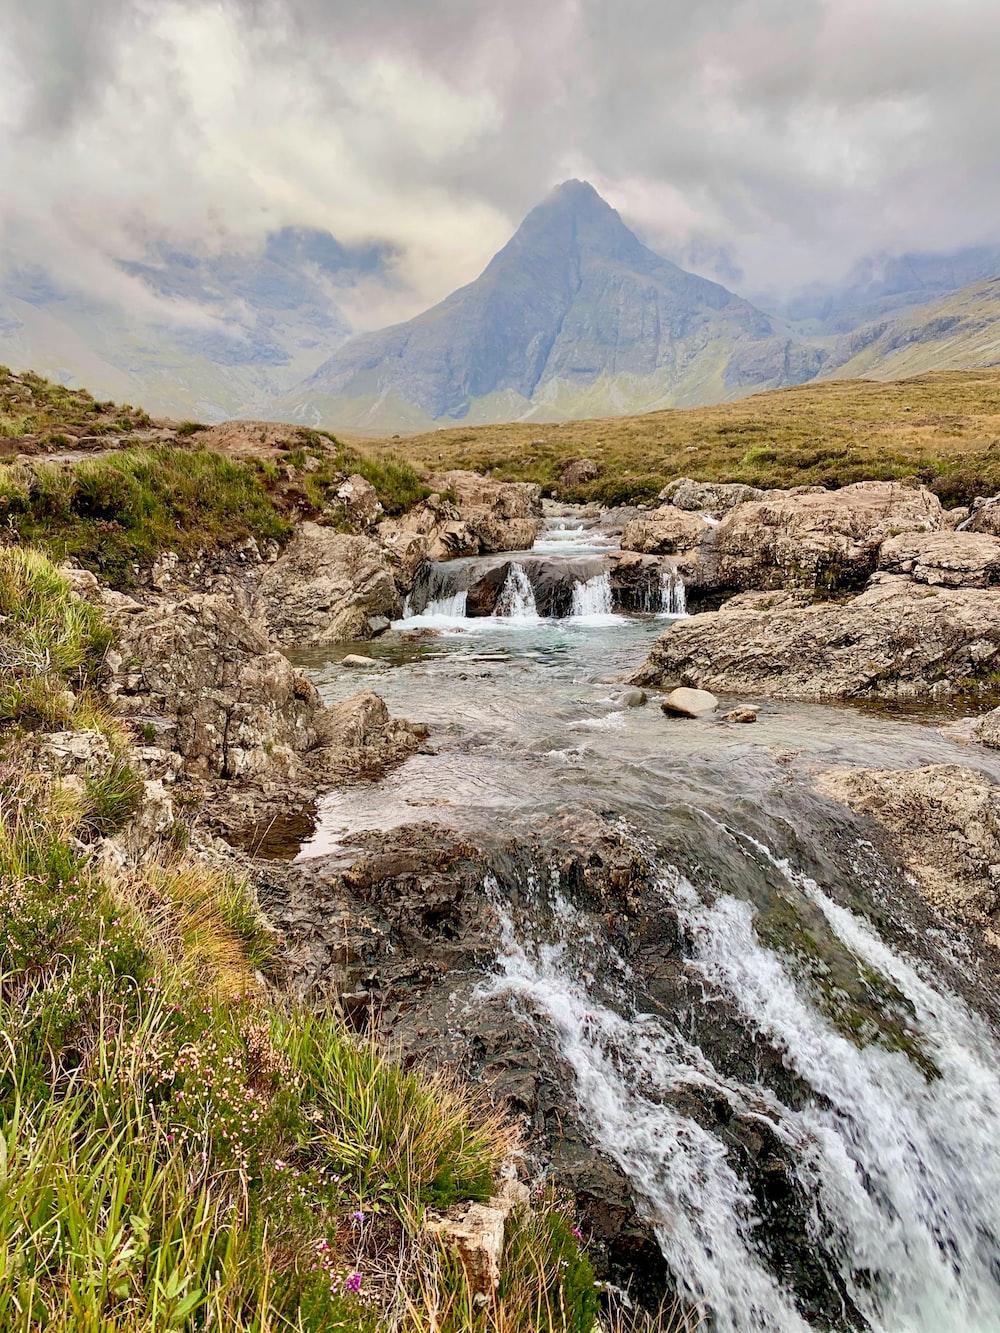 water falls near green mountain during daytime